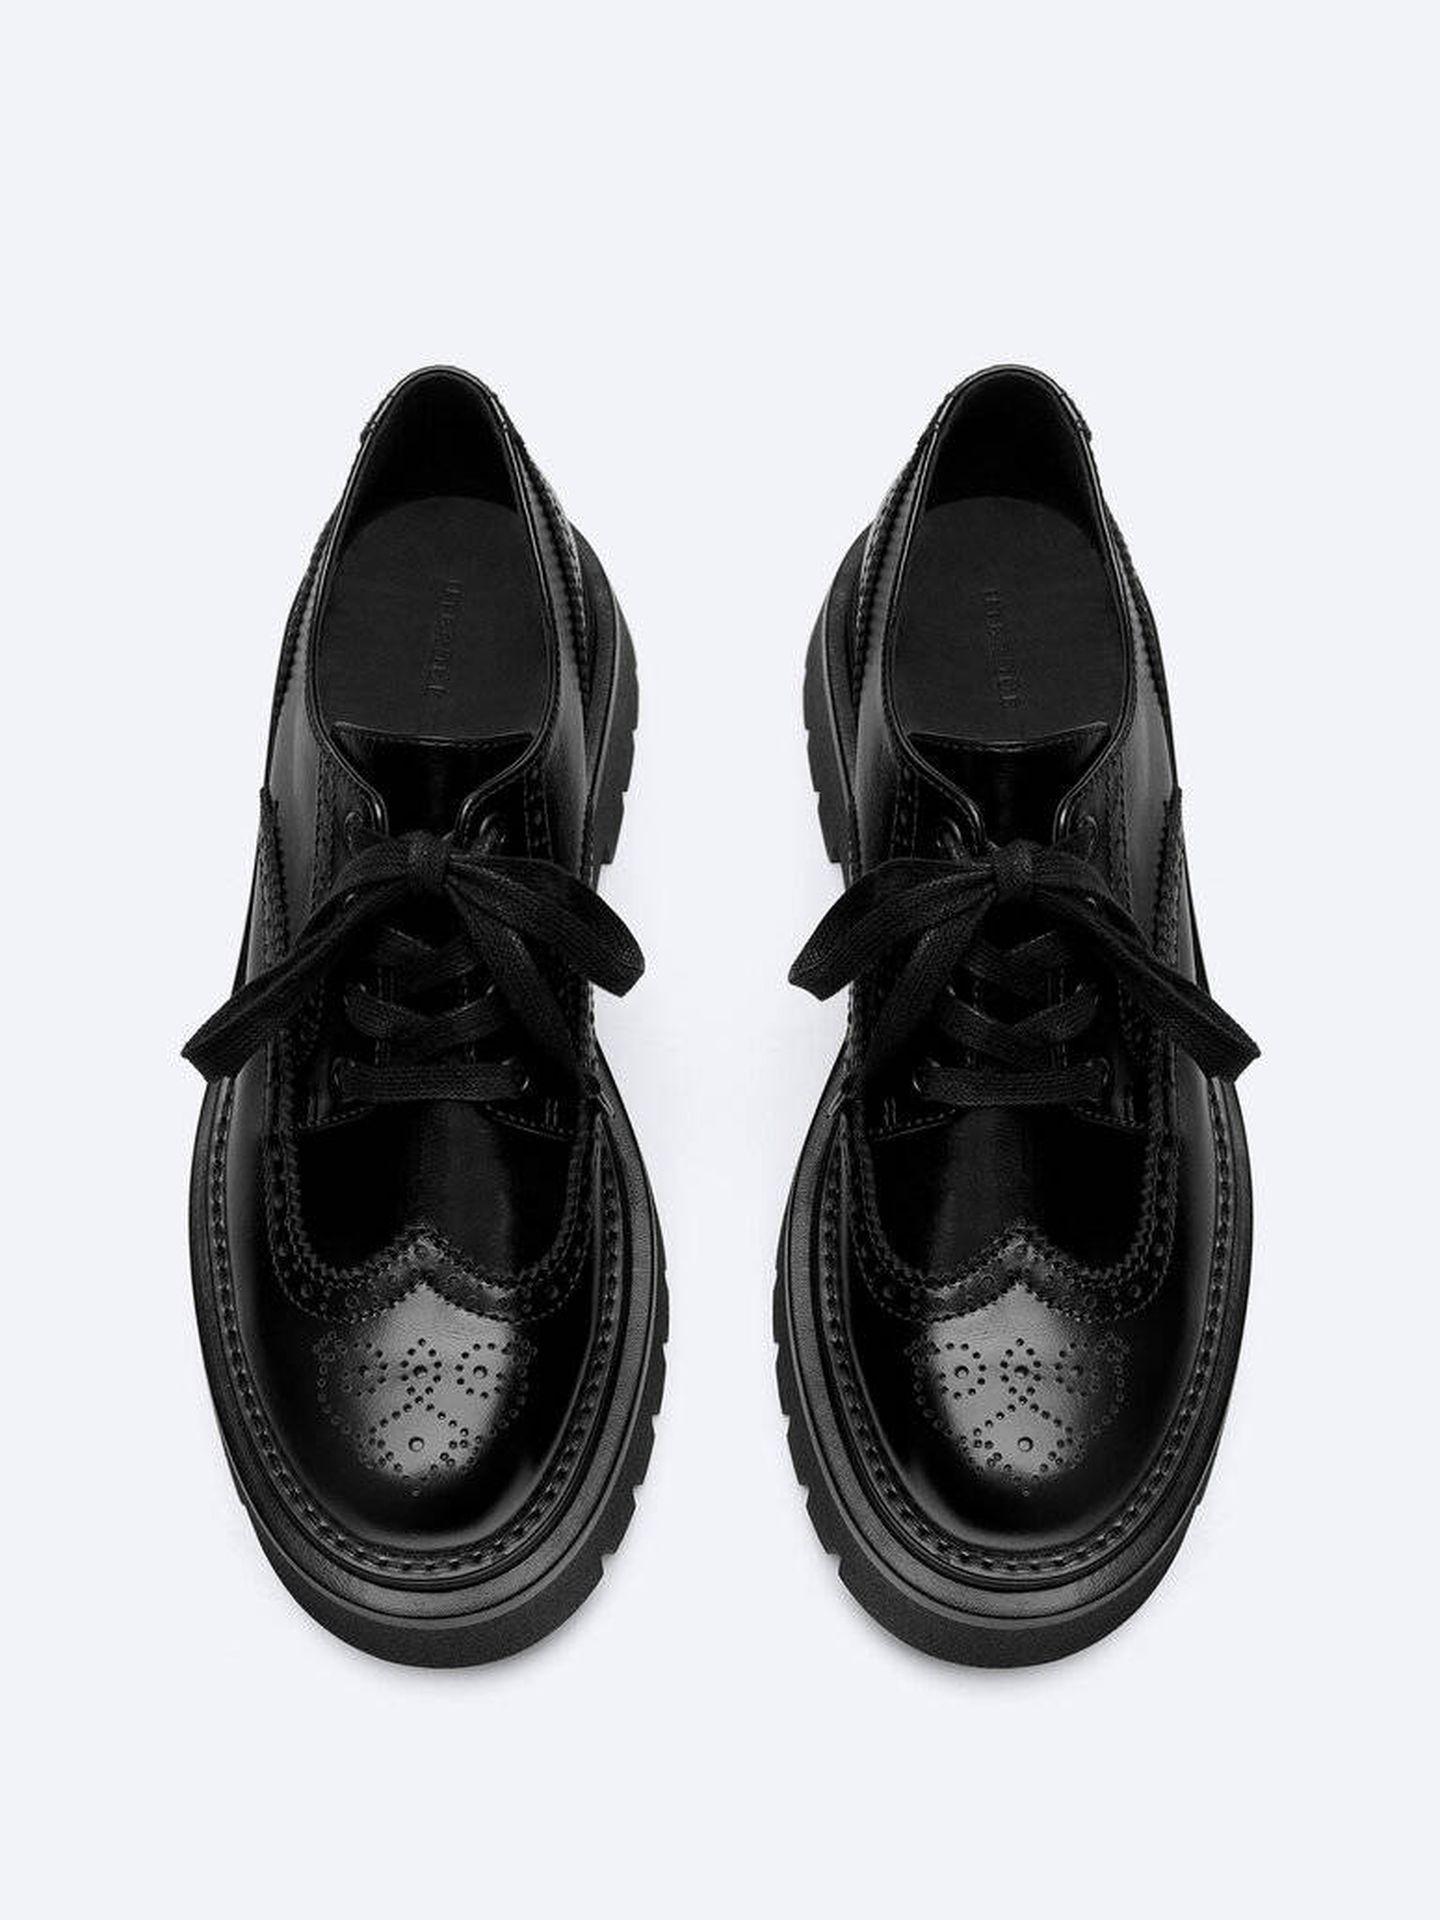 Los zapatos planos de Uterqüe. (Cortesía)